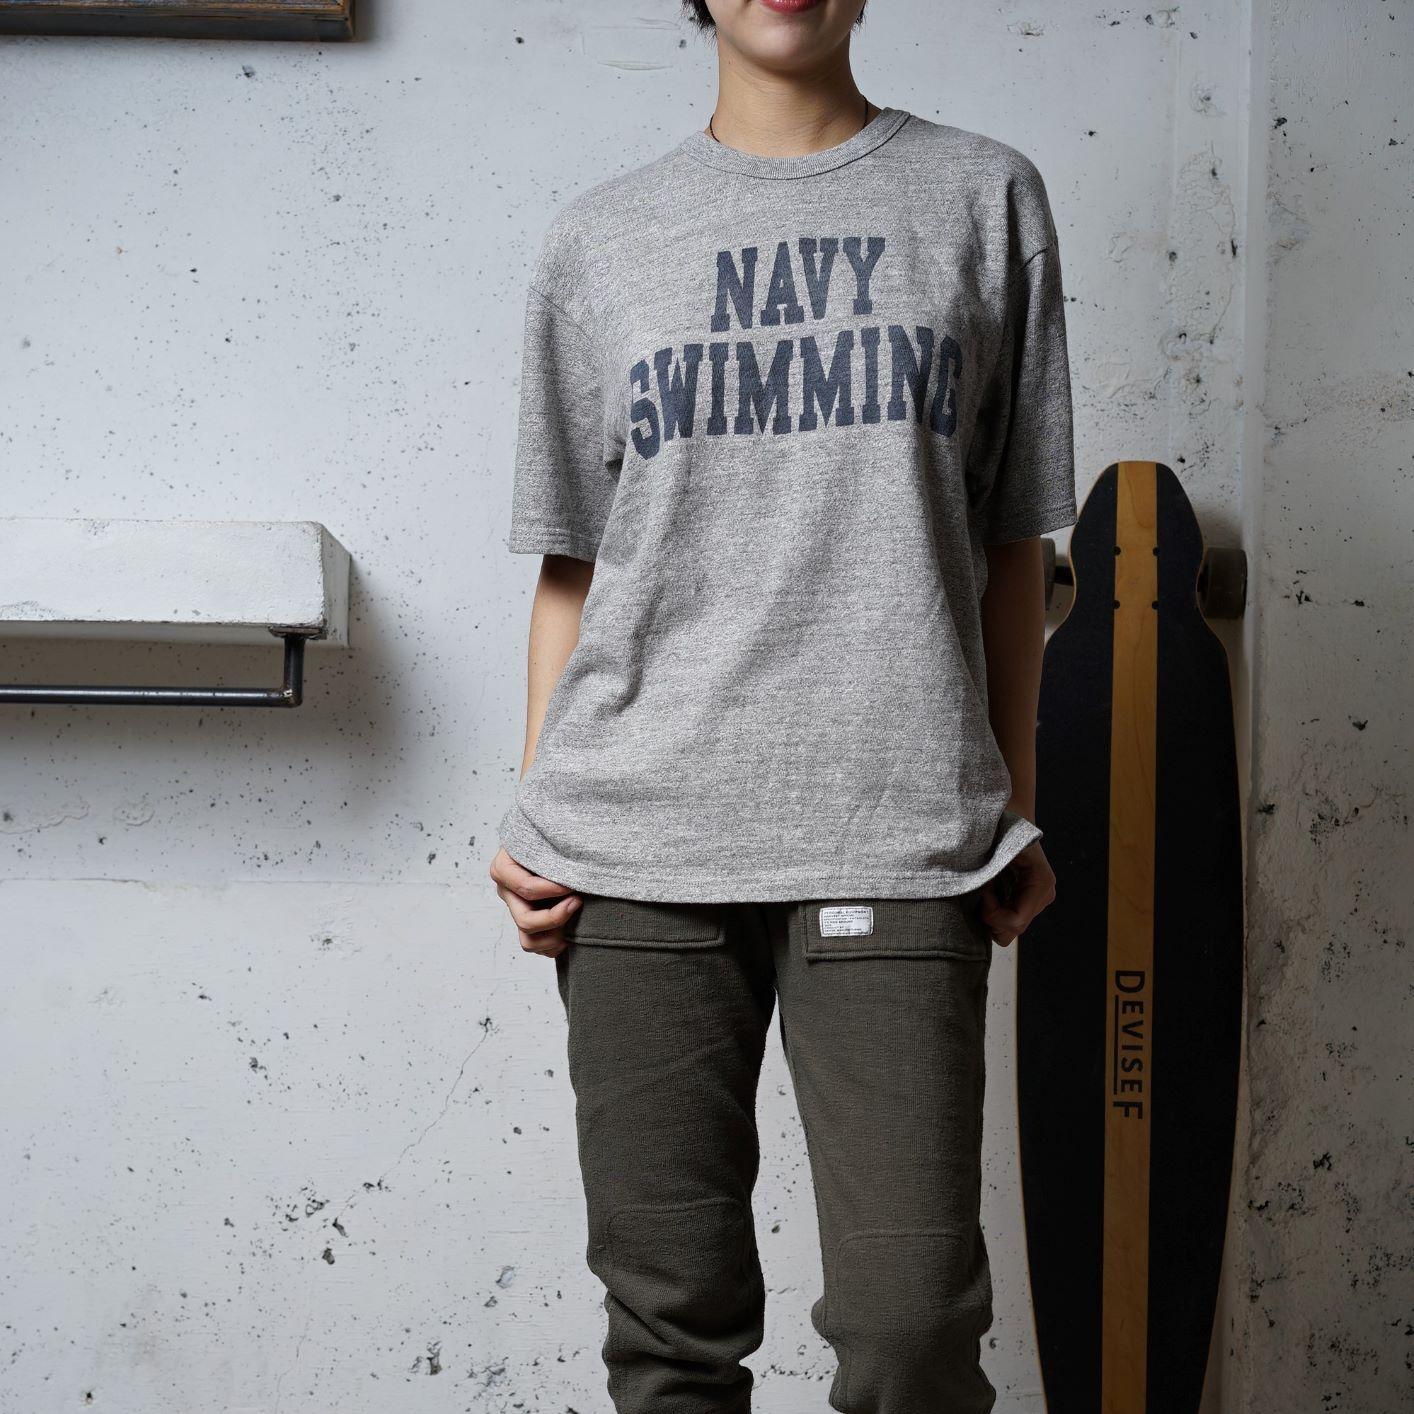 【おとな】吊り編み素材のワイドTシャツ グレーの染み込みプリント